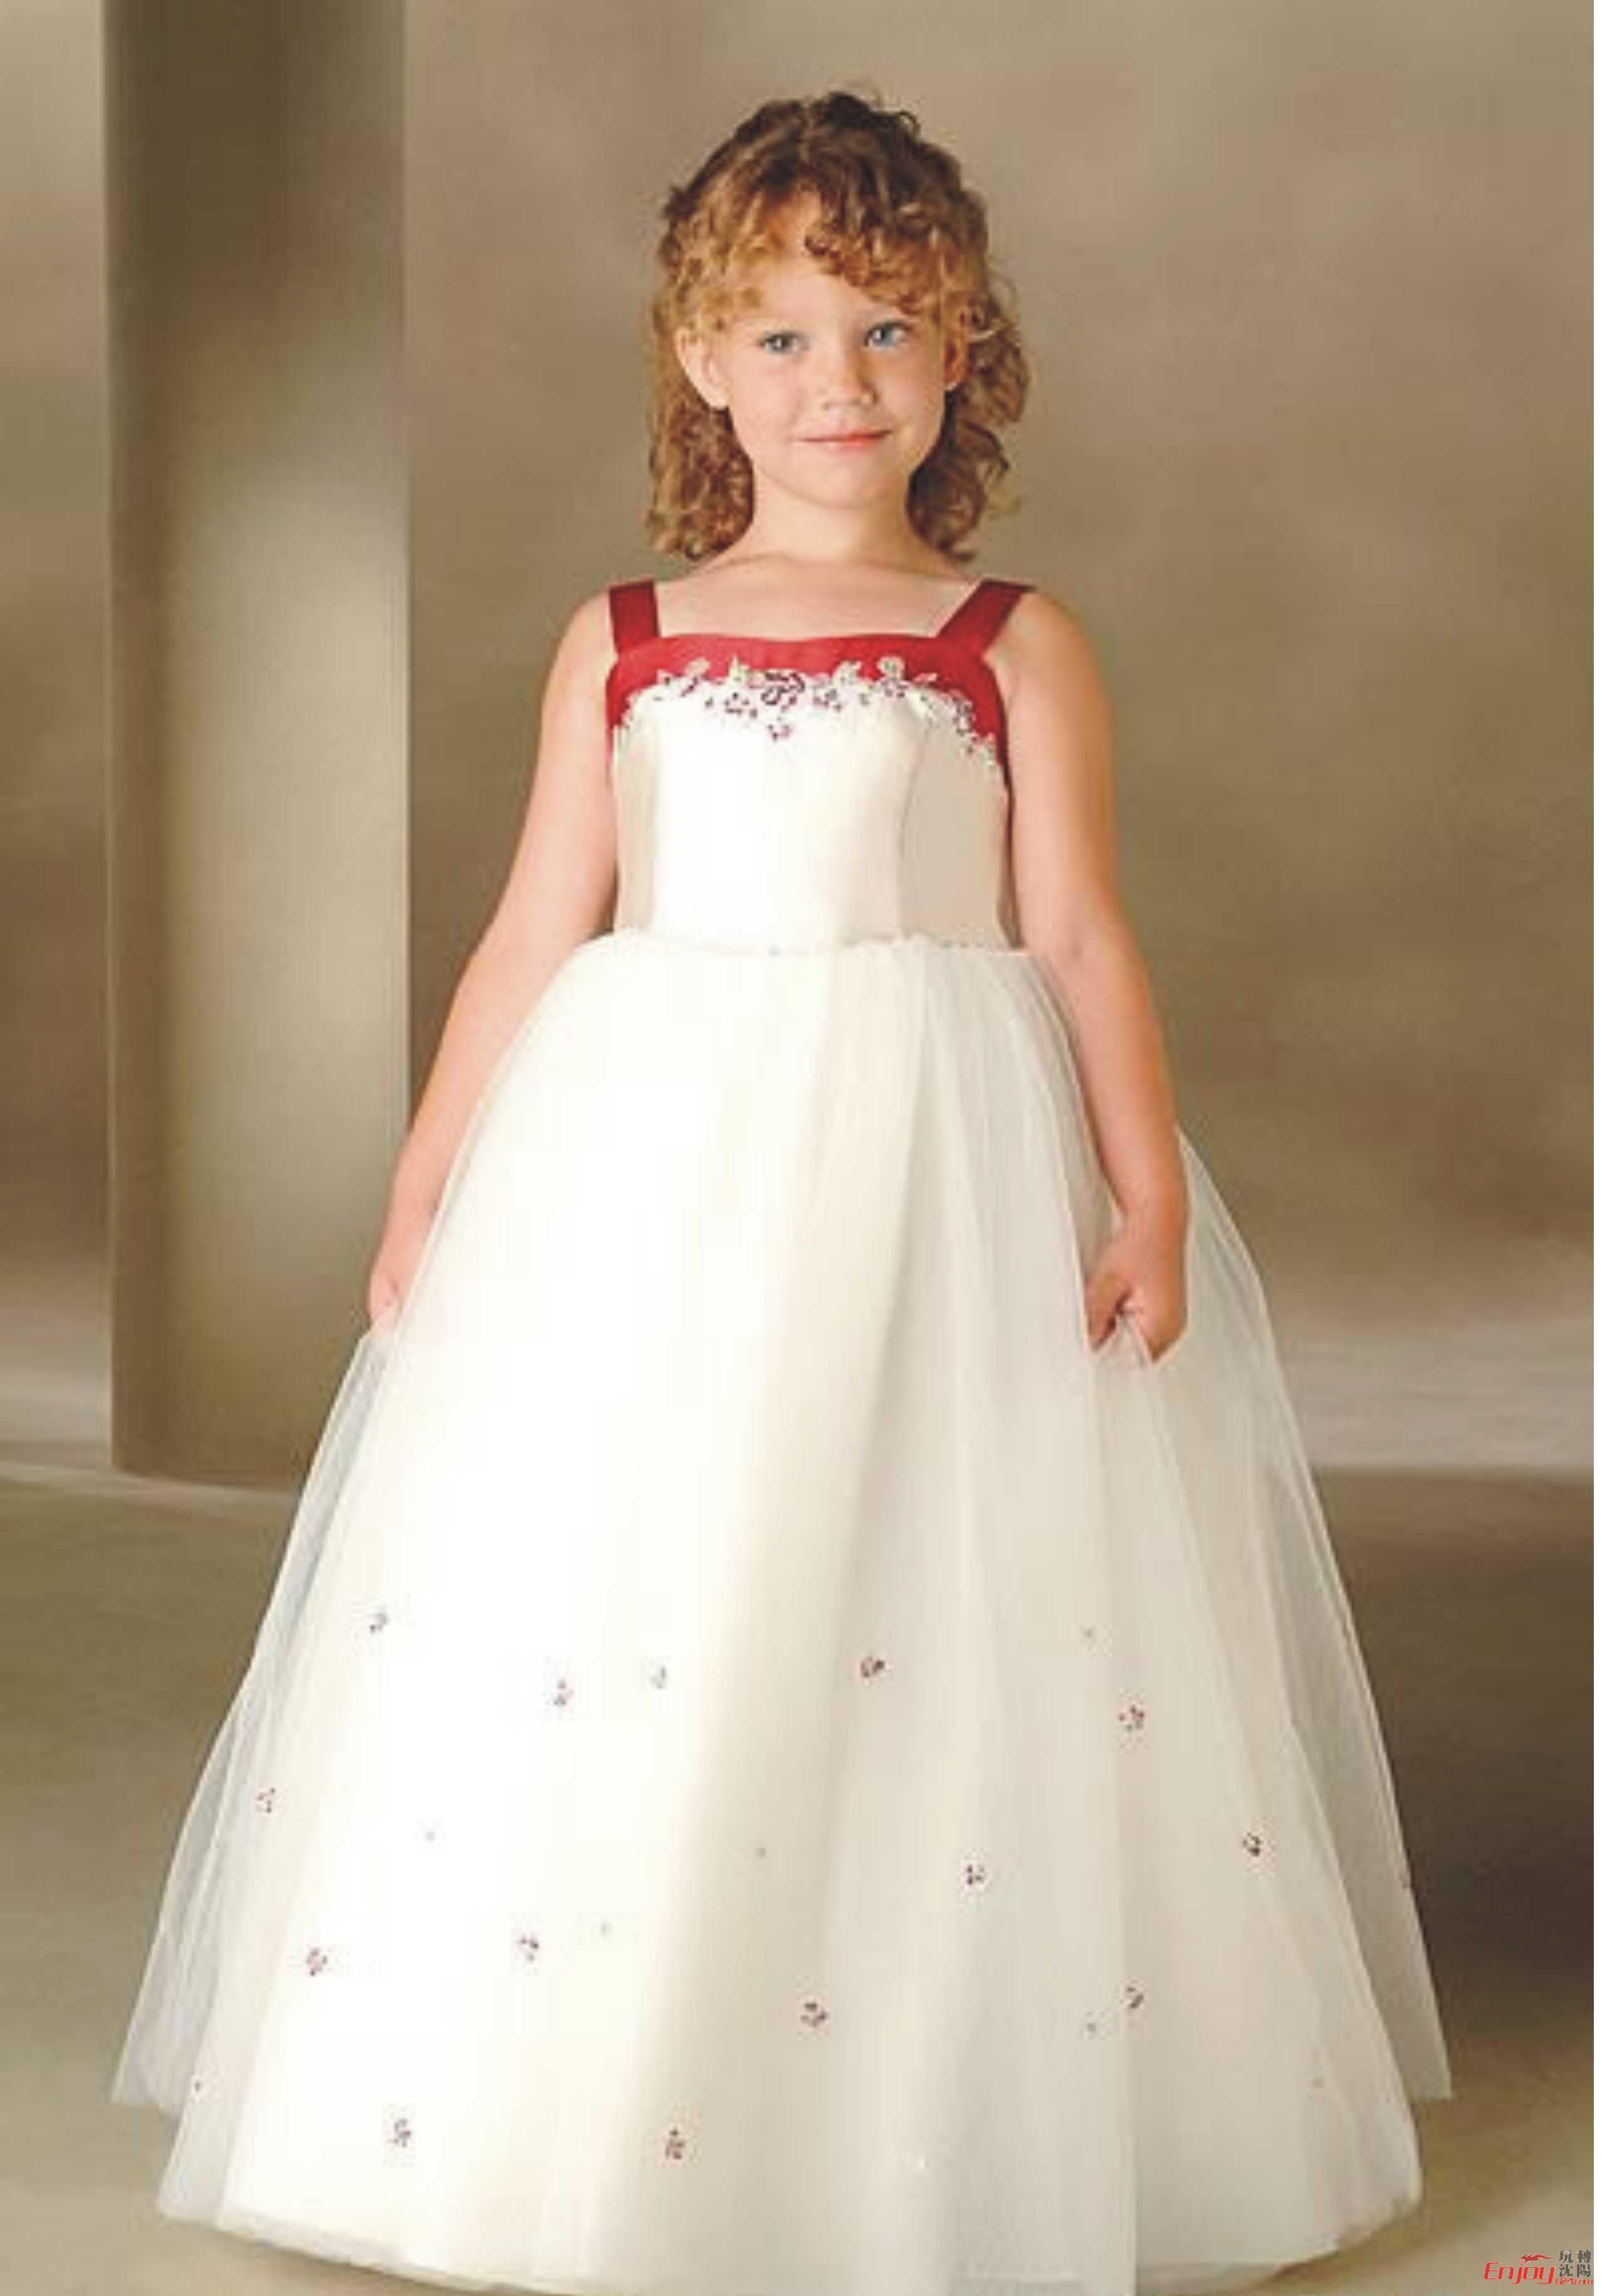 Flower+Girl+Bridesmaid+Dresses   Flower Girl Dresses For Wedding ...